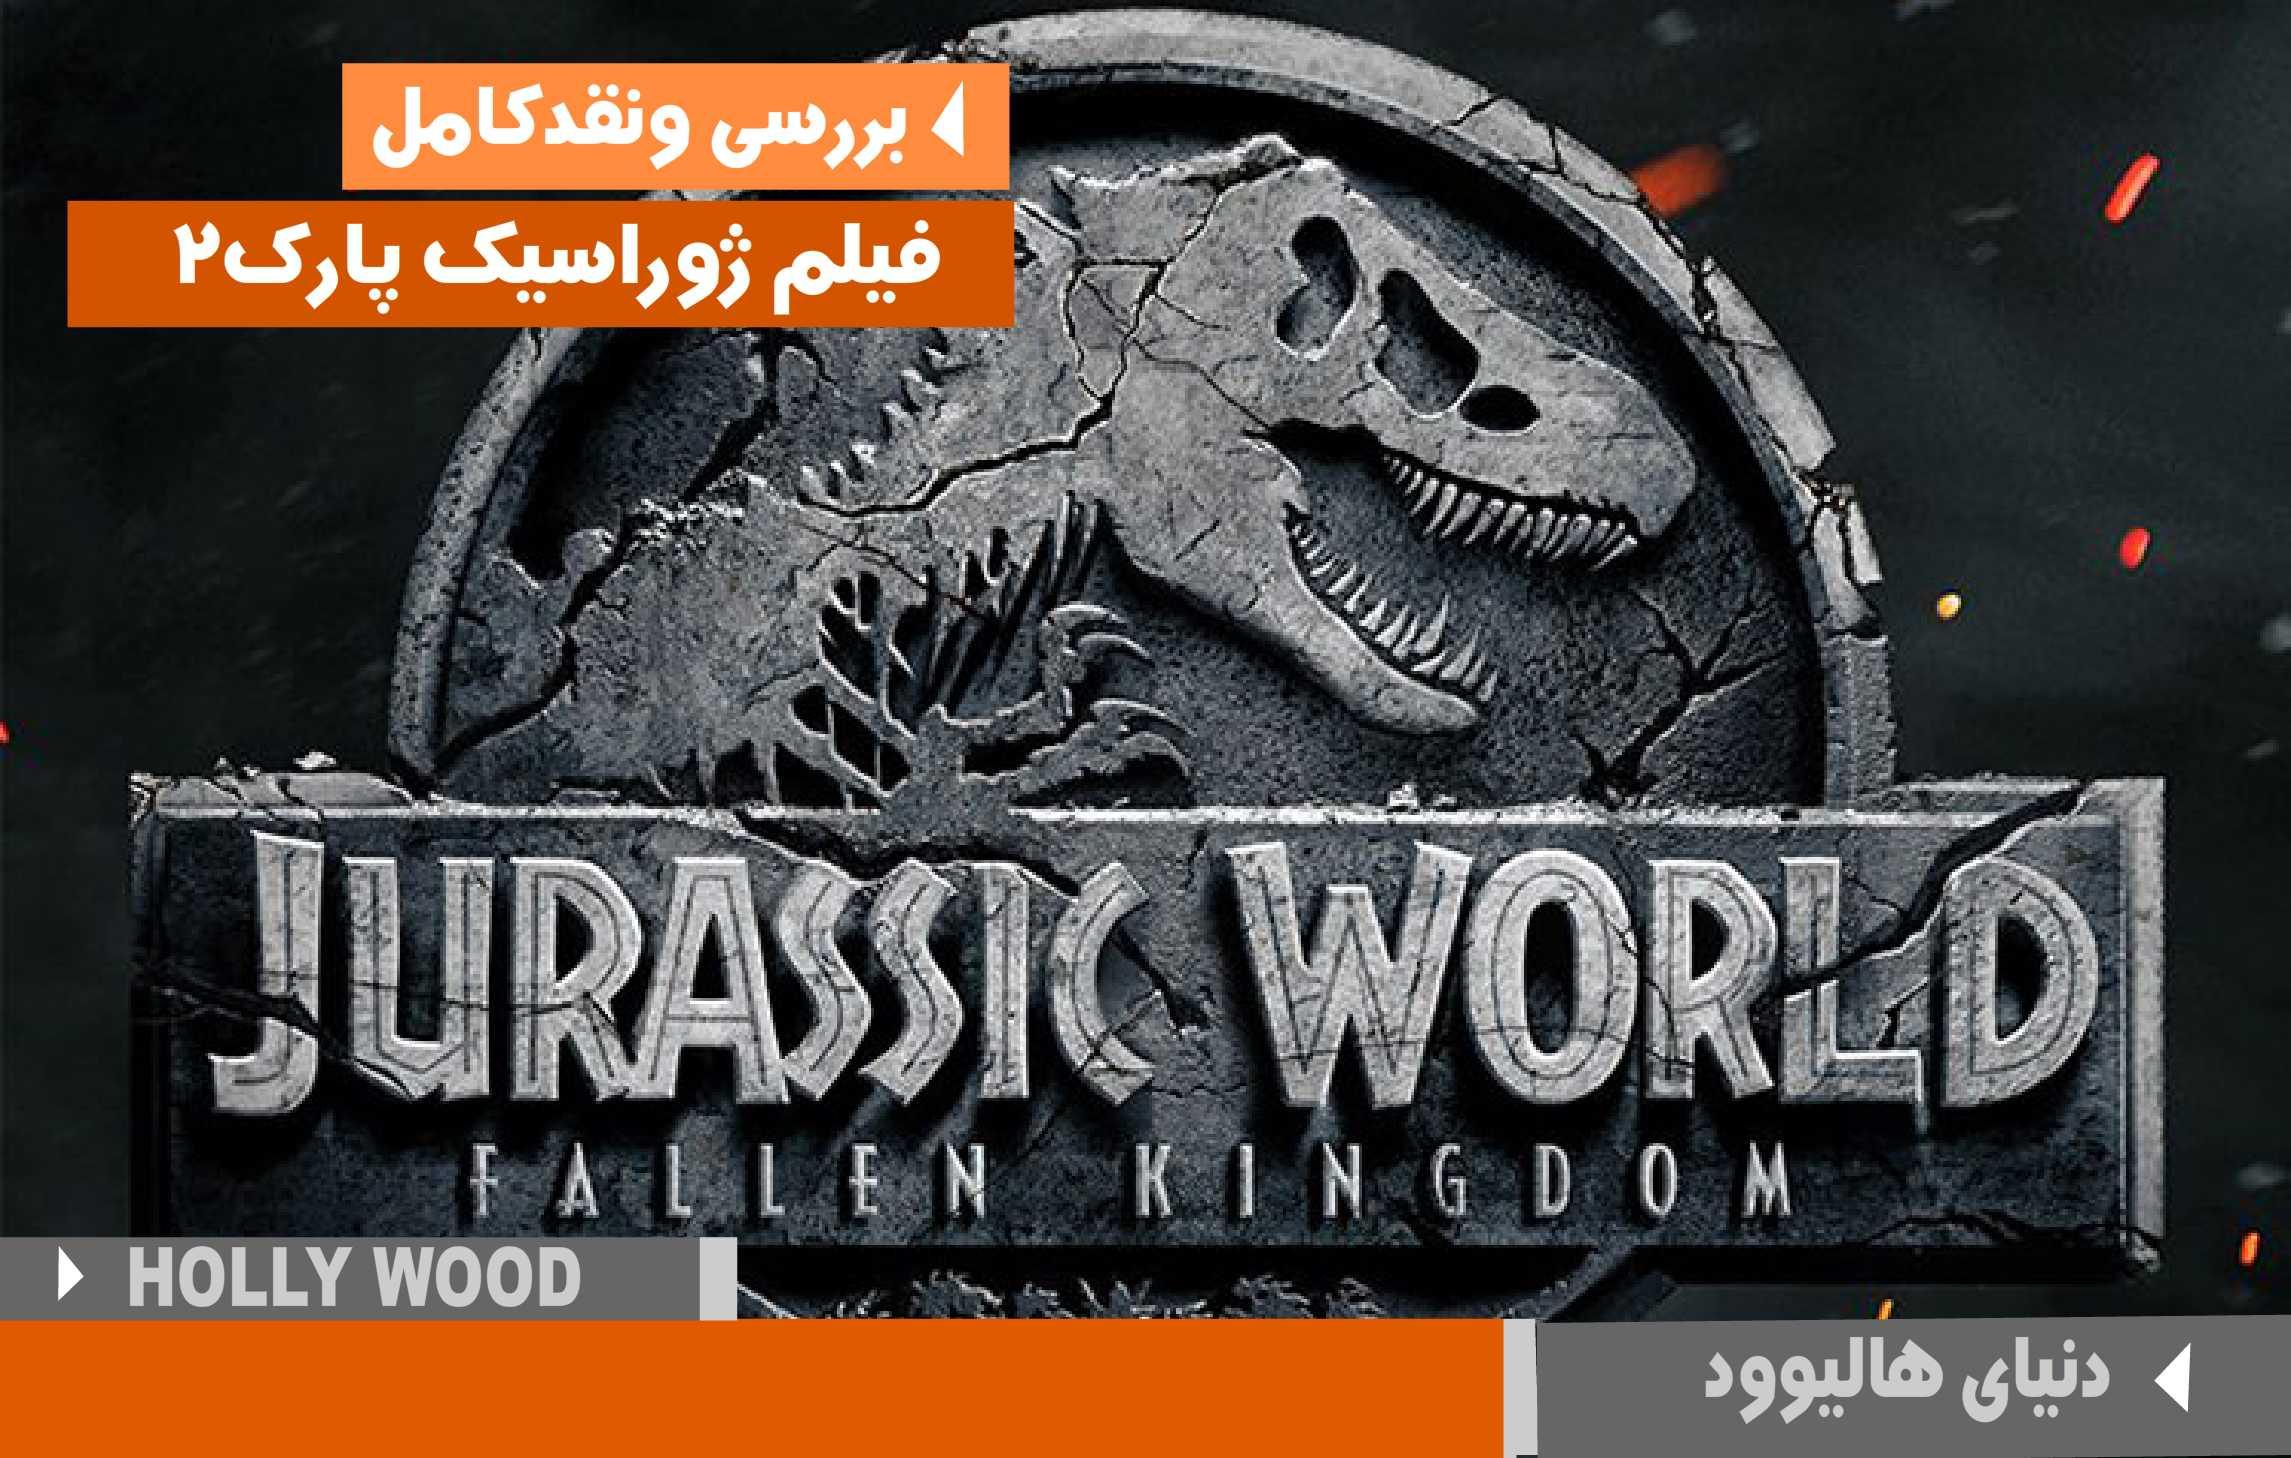 بررسی و نقد فیلم دنیای ژوراسیک ۲: پادشاهی سقوط کرده (Jurassic World: Fallen Kingdom)